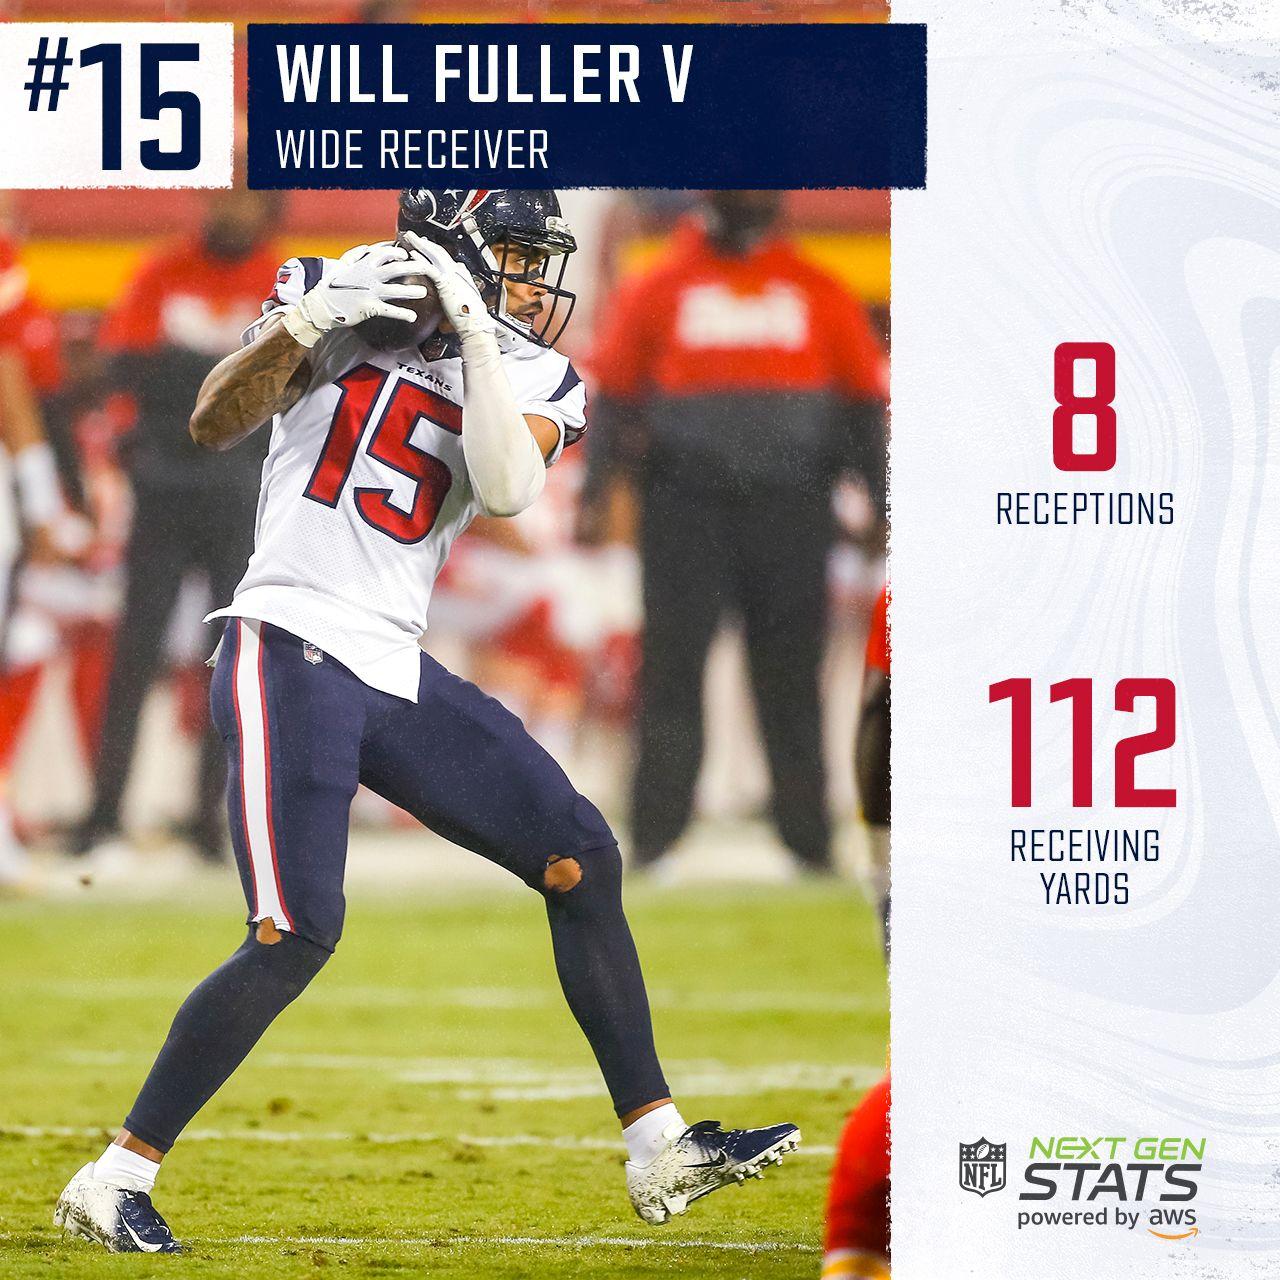 Will Fuller